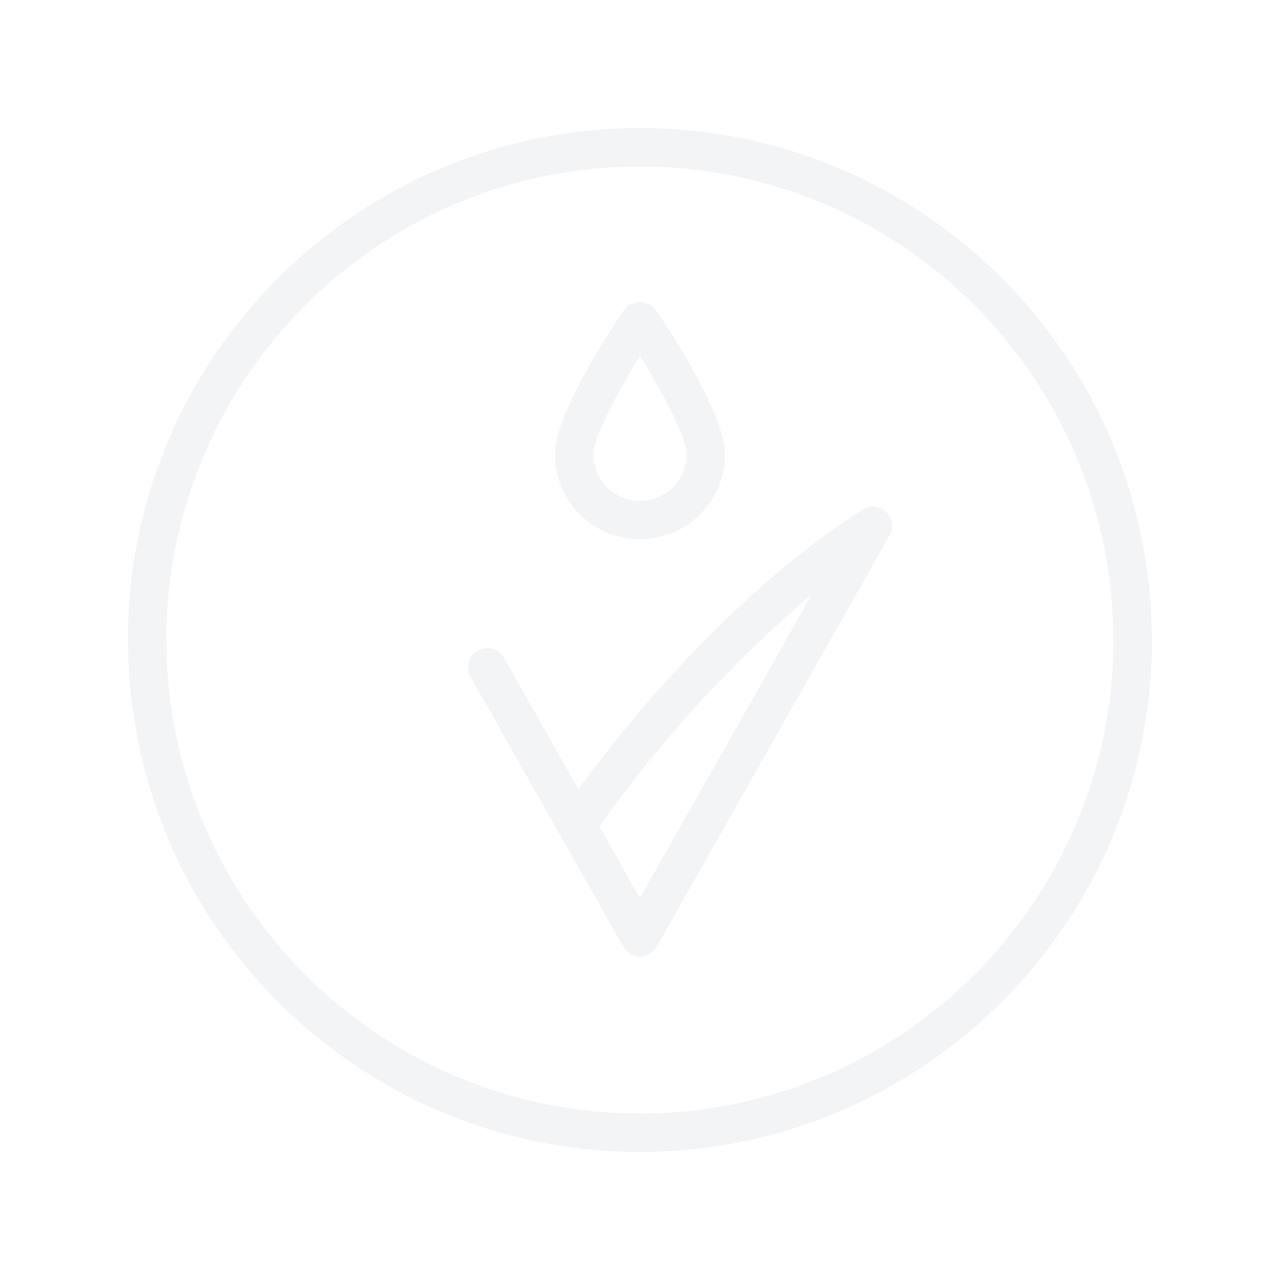 ELIZABETH ARDEN White Tea Vanilla Orchid Eau De Toilette